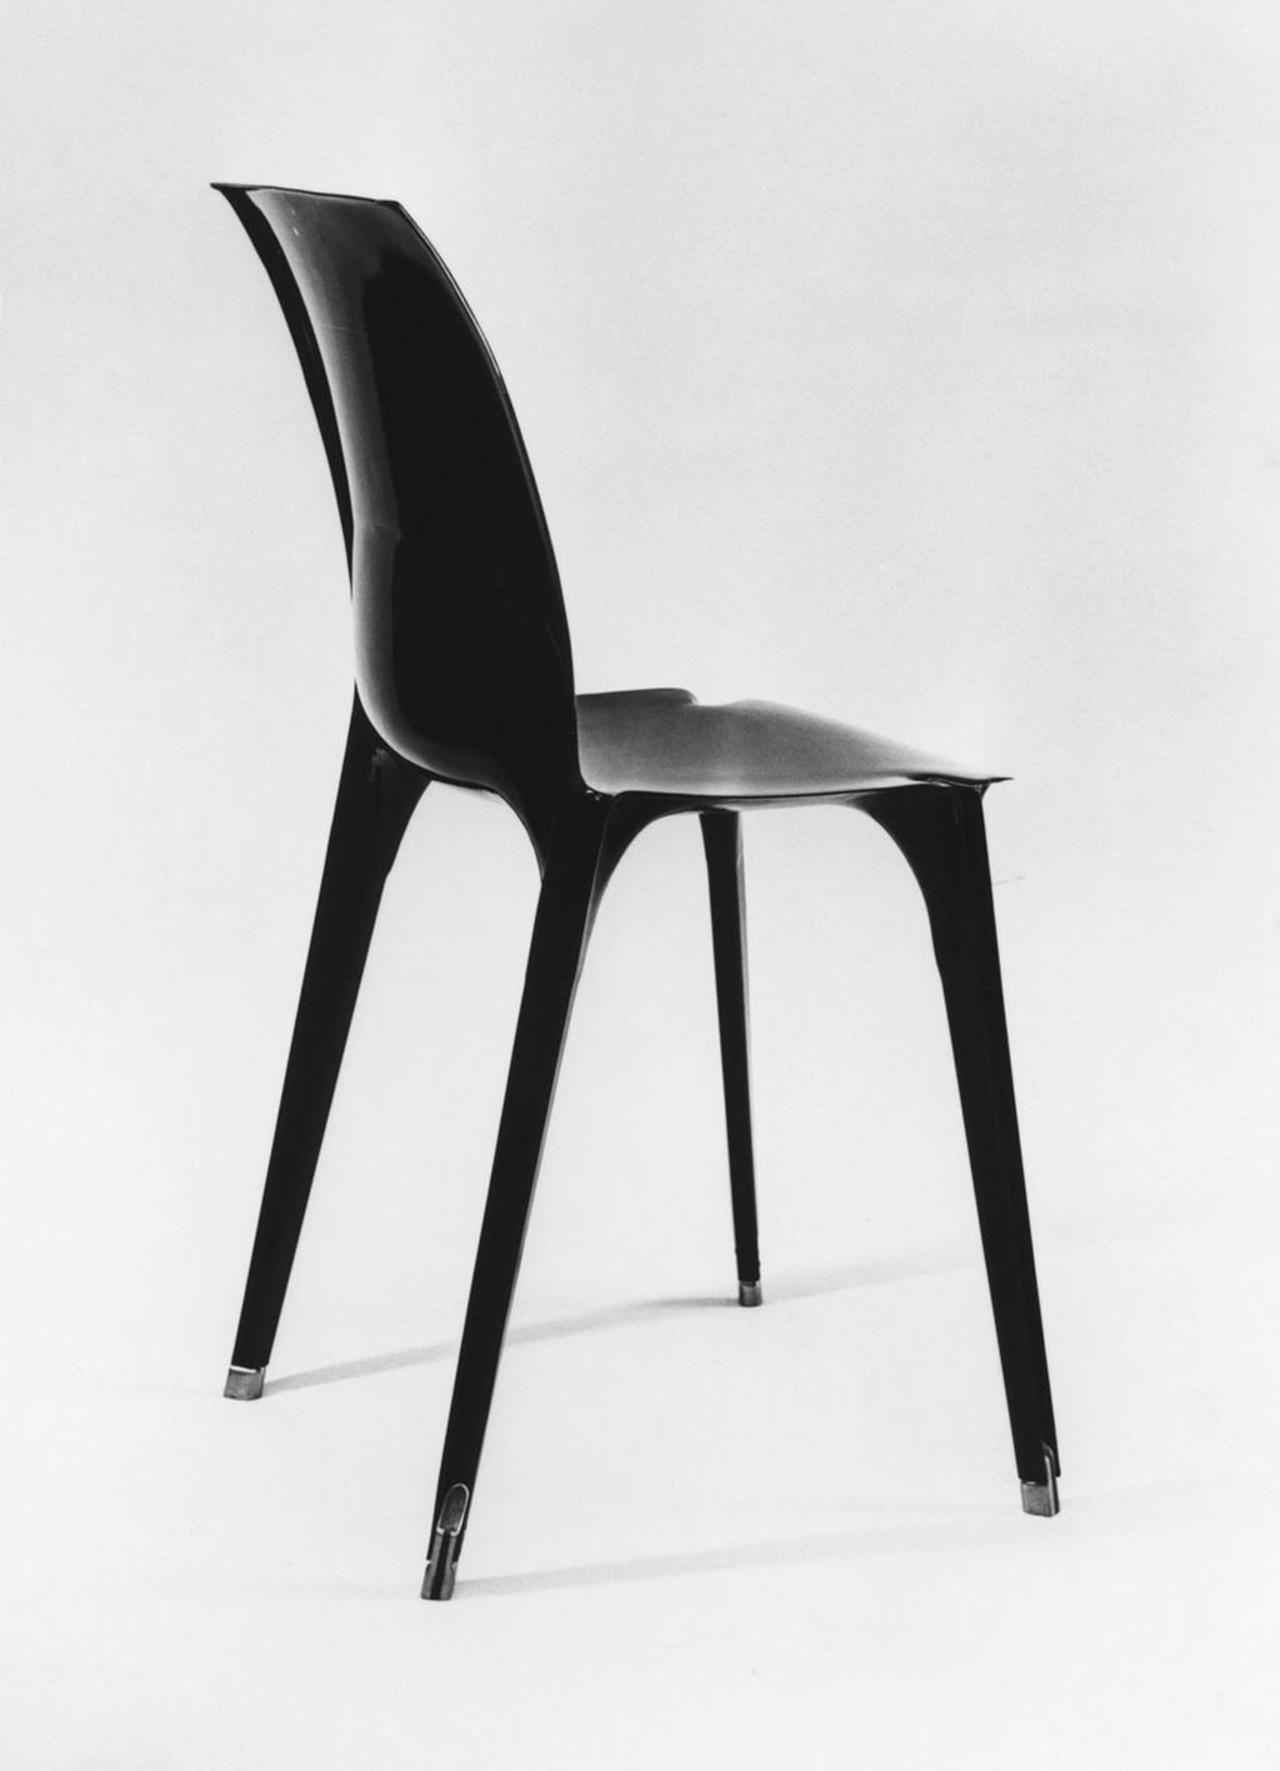 Richard Sapper Lambda 1963 Metal Chairs Furniture Design Furniture Accessories